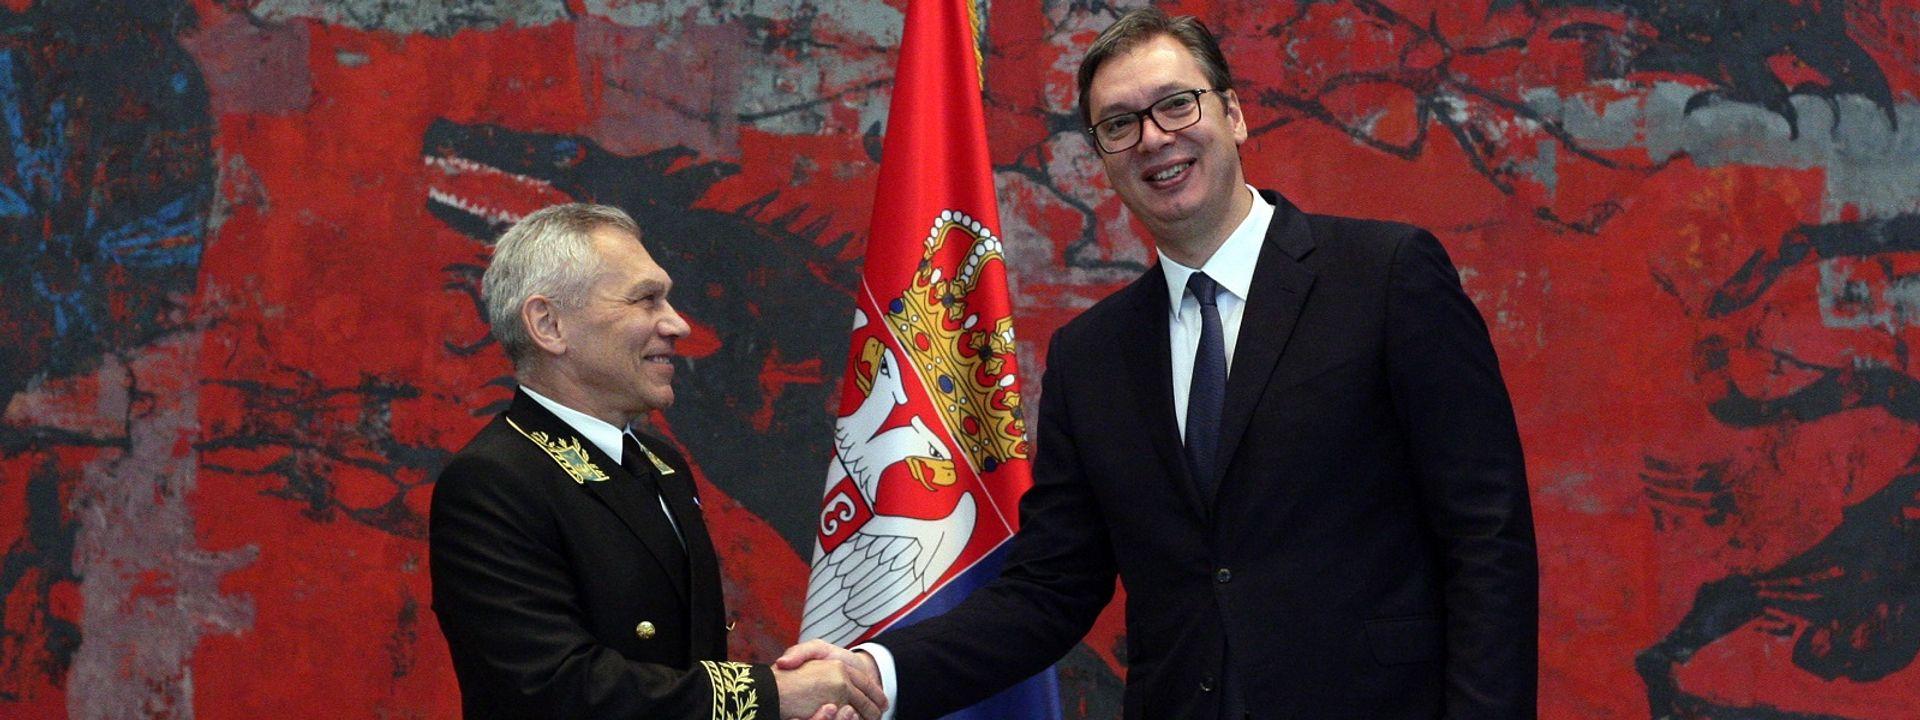 """""""Србија може да рачуна на чврсту подршку Русије у очувању територијалног интегритета и суверенитета"""""""